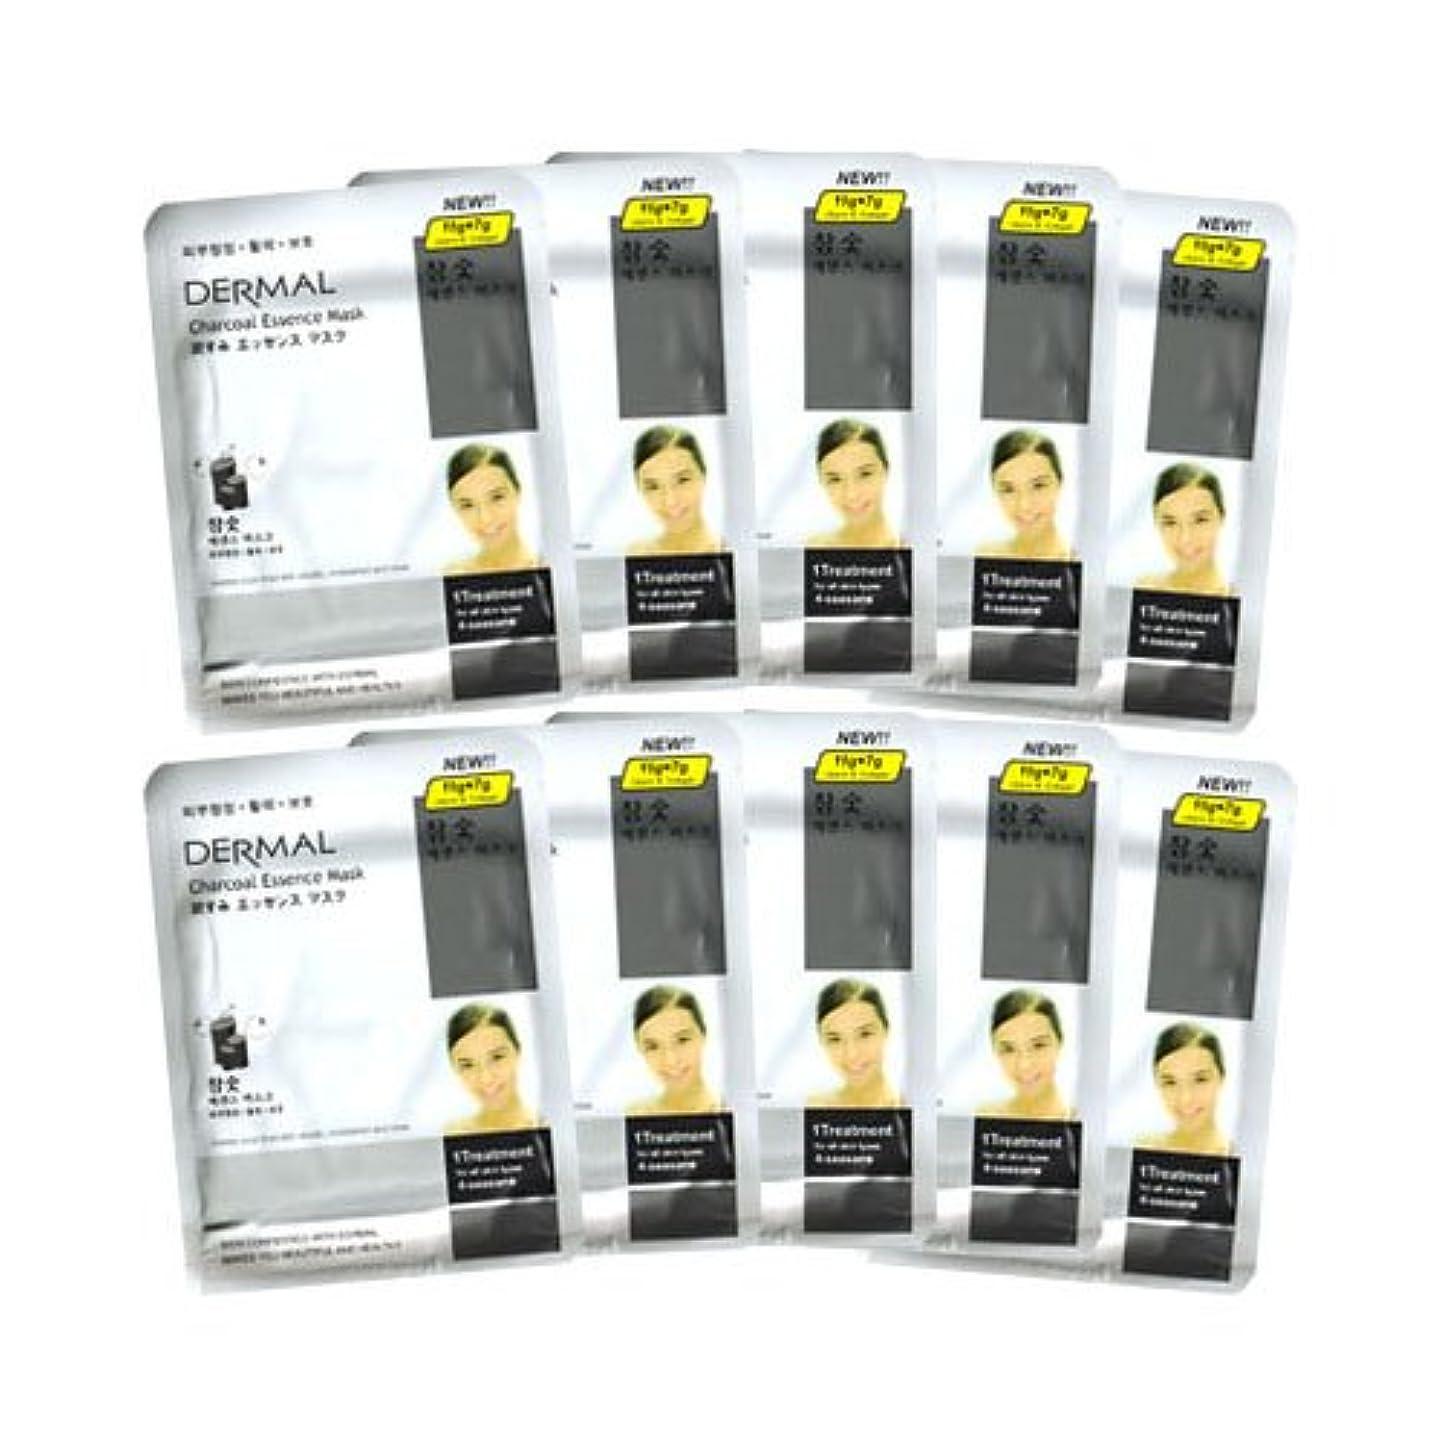 管理前置詞神経障害ダーマル 炭エッセンスマスク 10枚セット